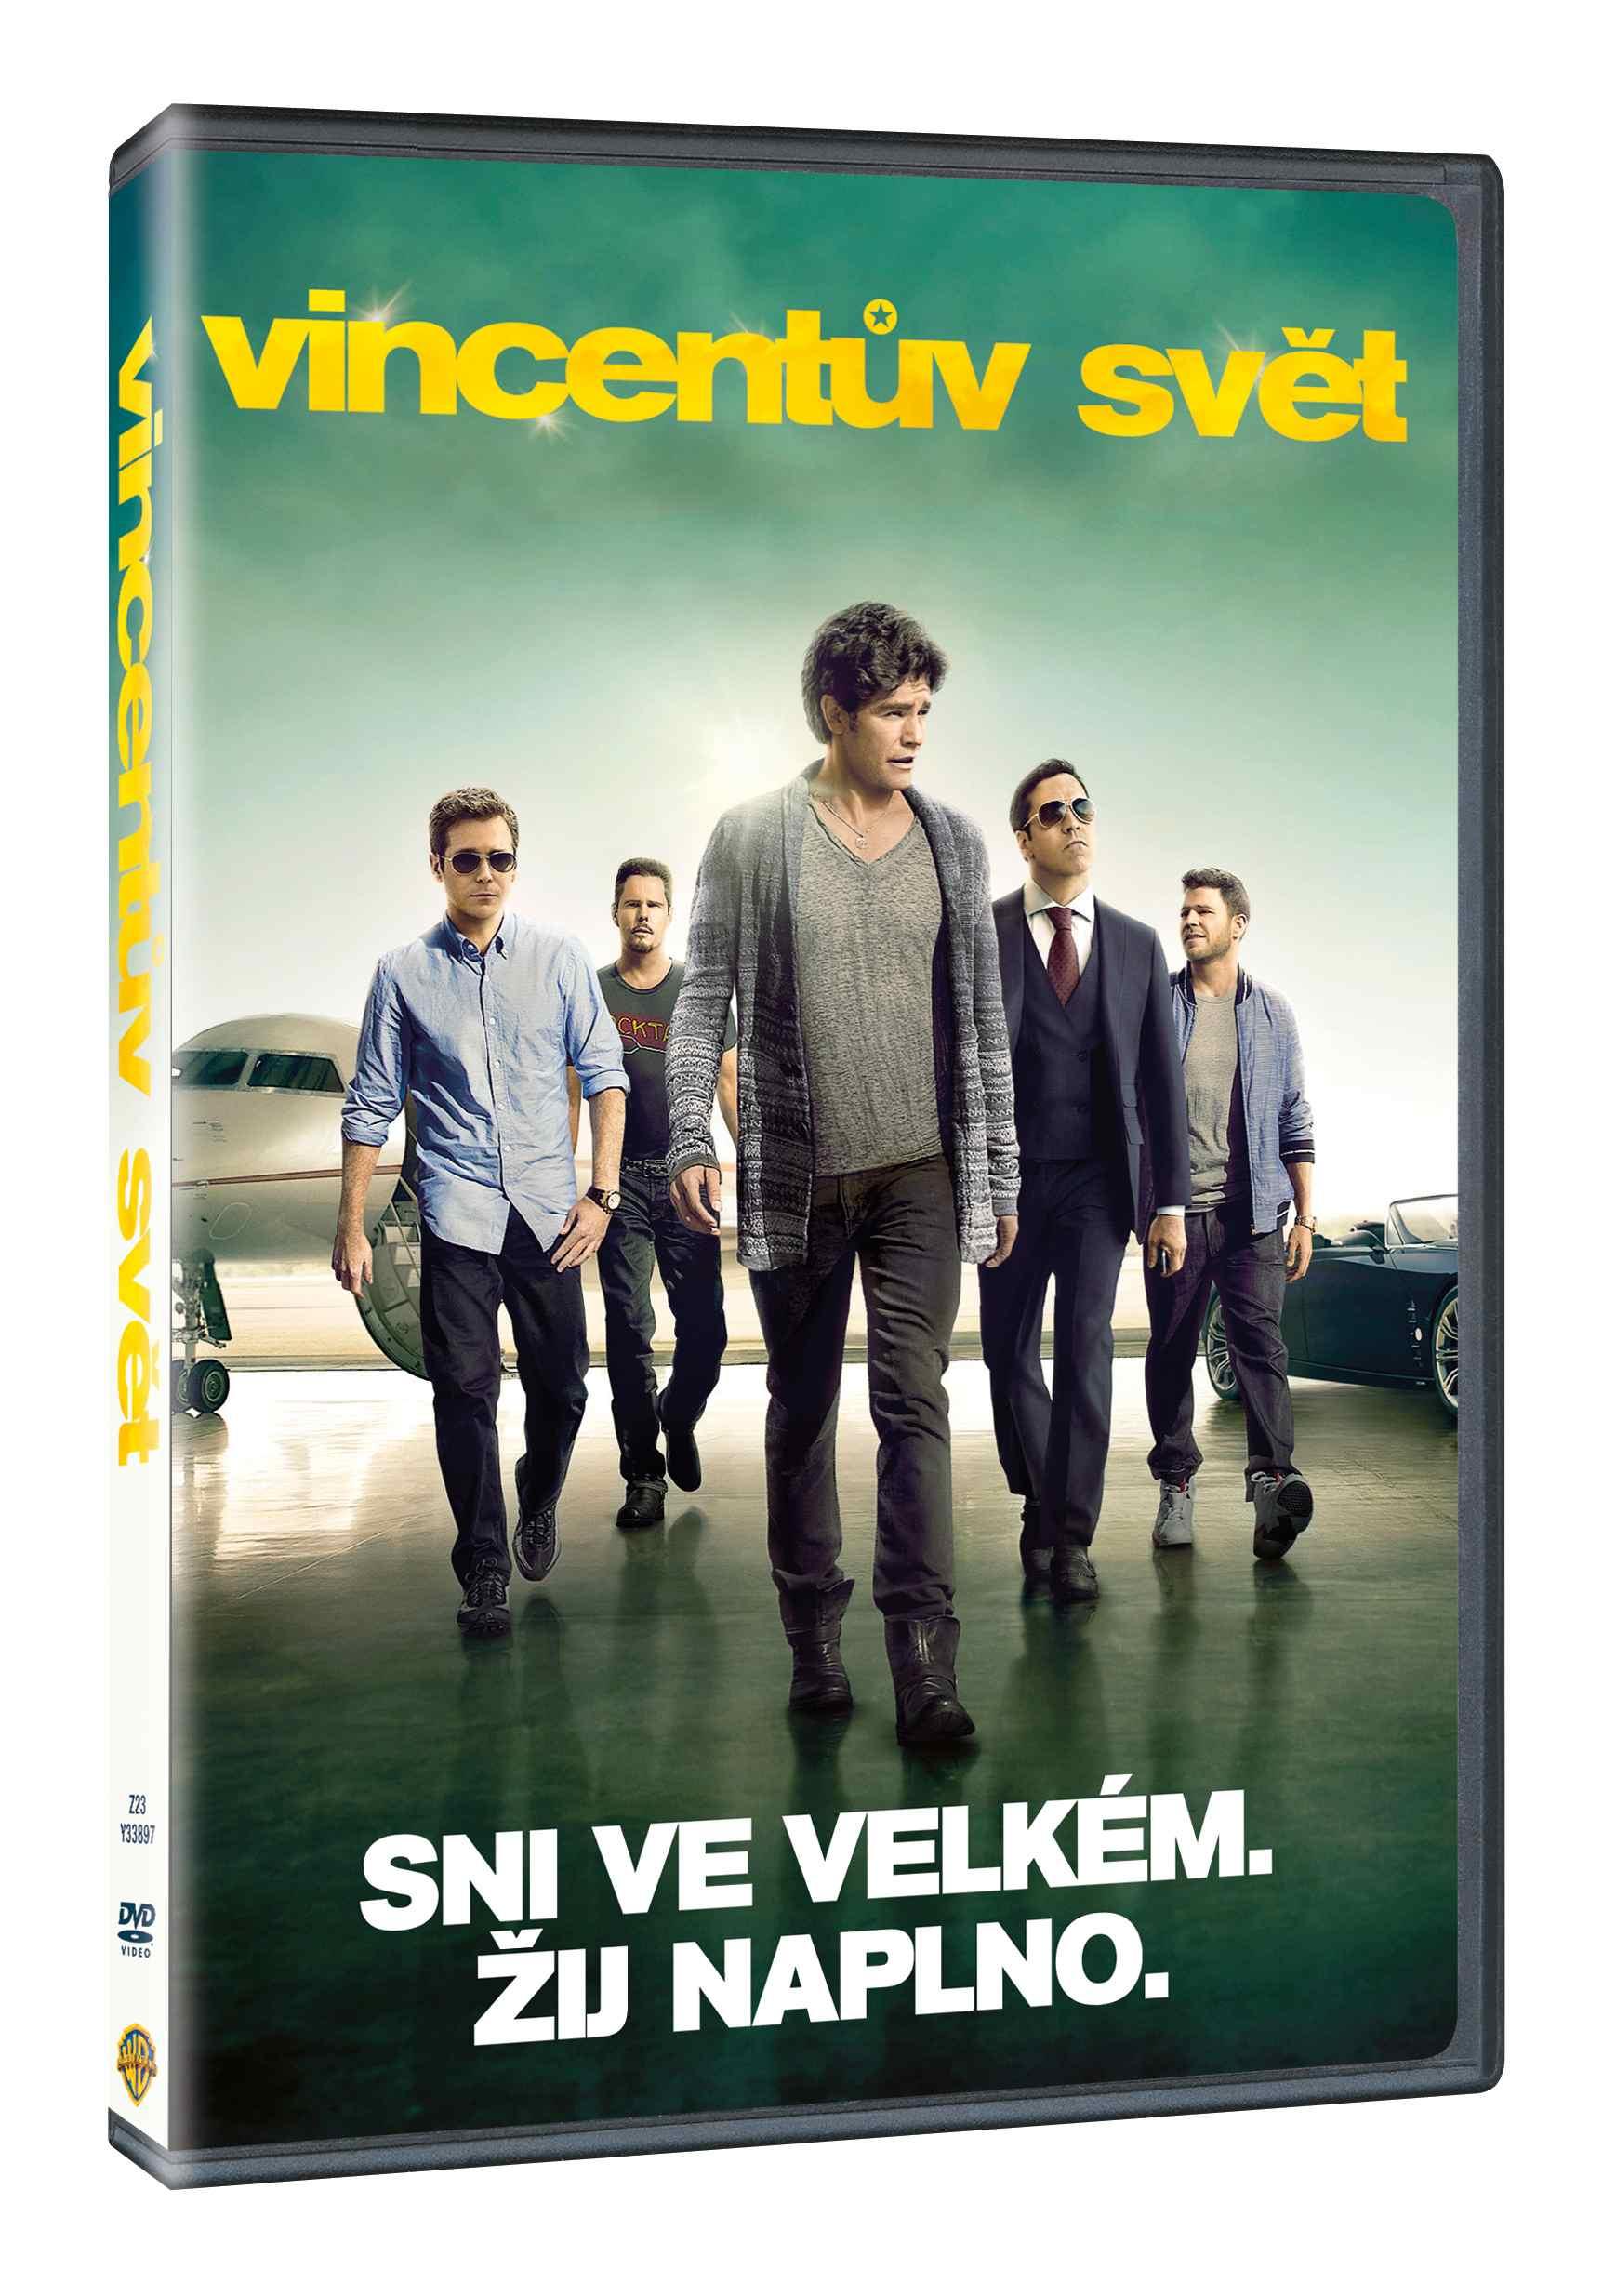 VINCENTŮV SVĚT - DVD